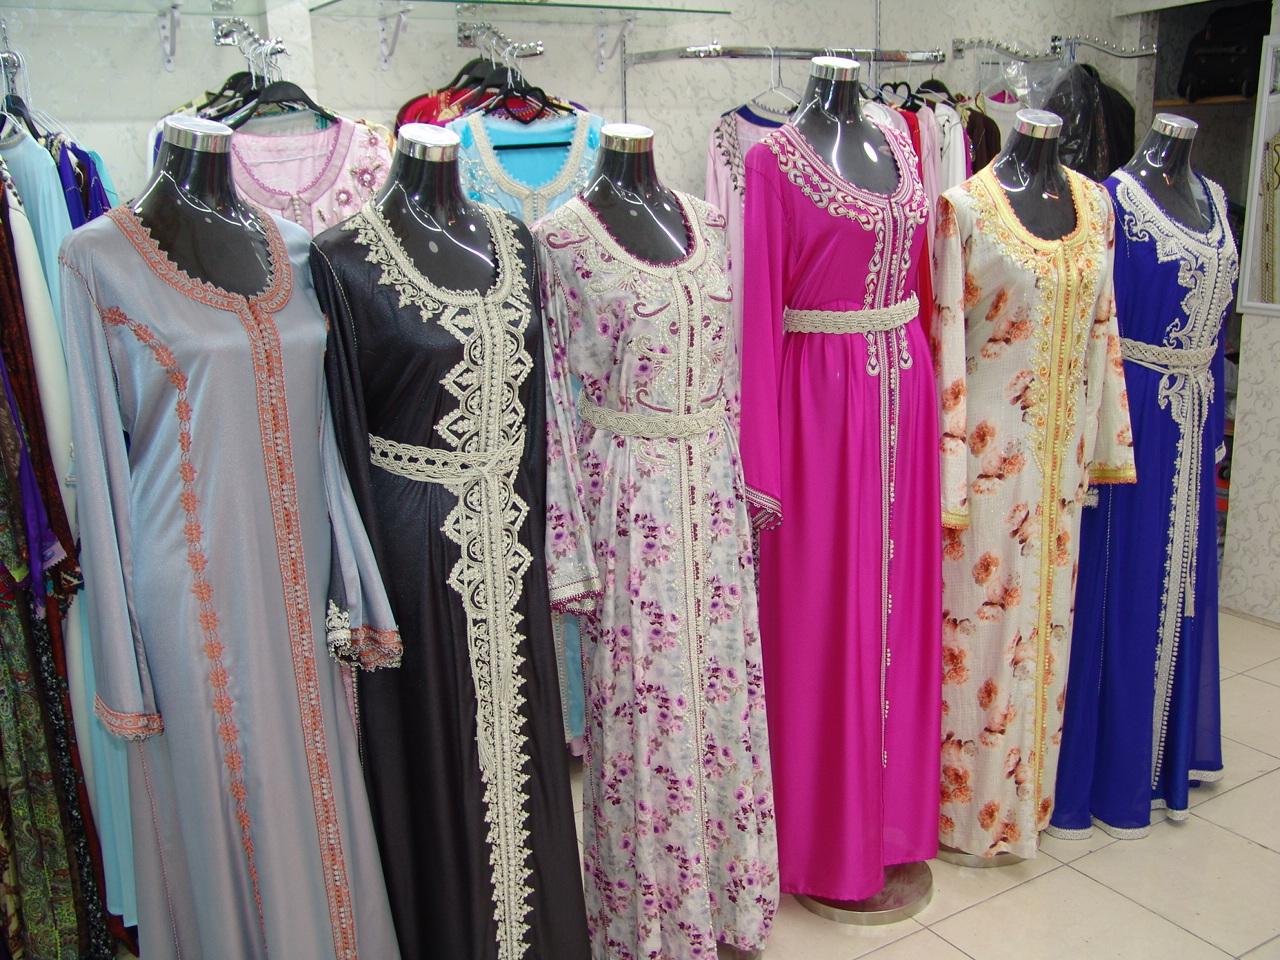 فن لمسات للخياطة المغربية - DSC02079.JPG